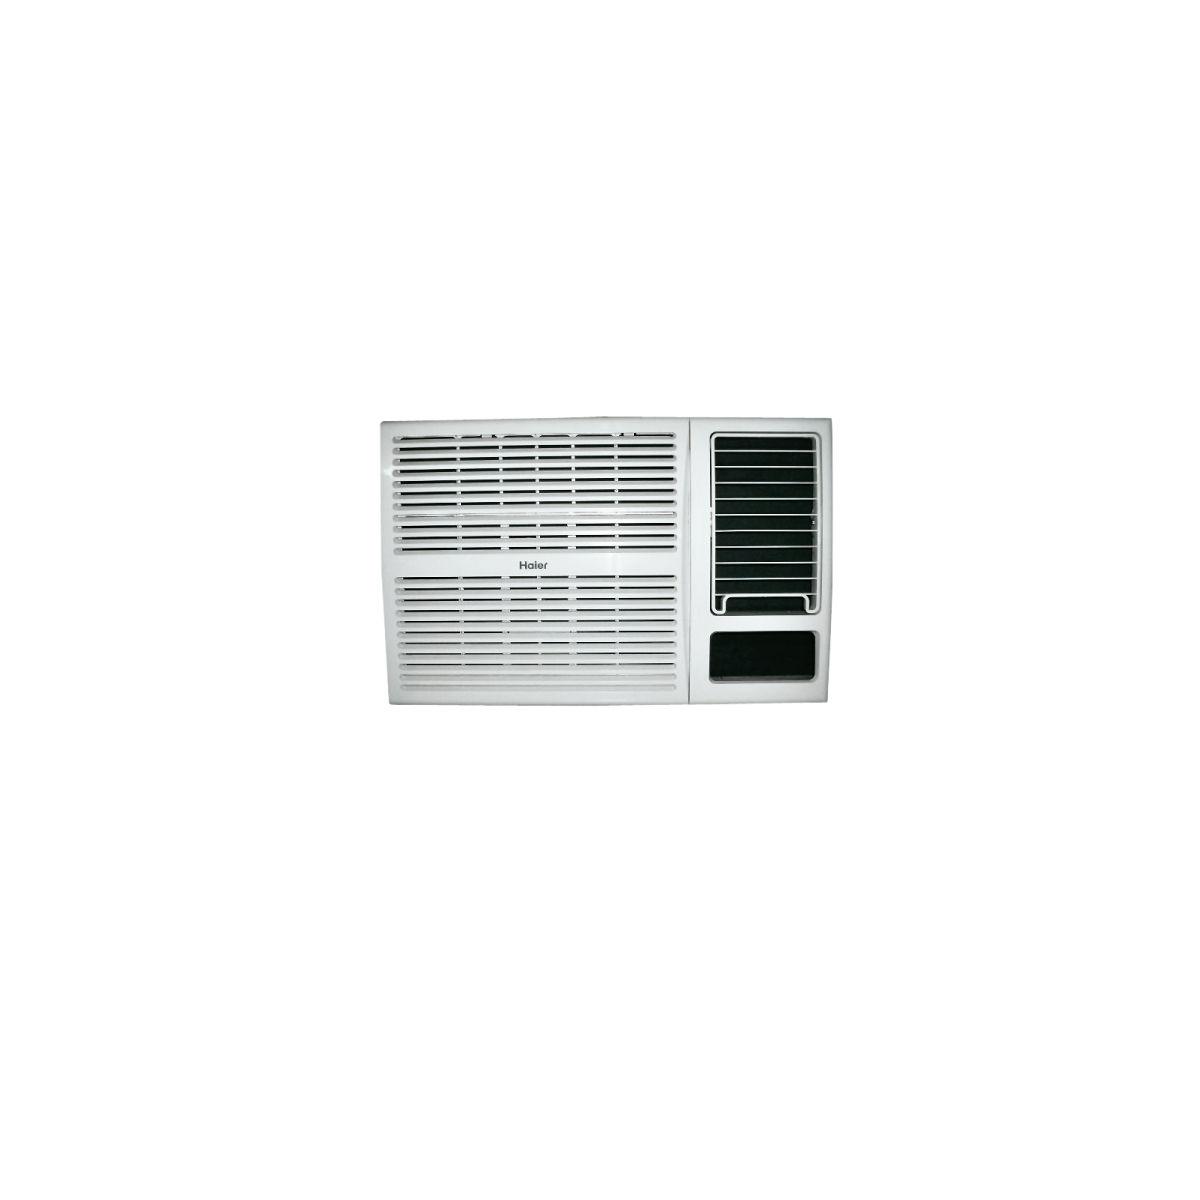 Haier HW-18CV5CR 1.5 Ton 5 Star Window Air Conditioner